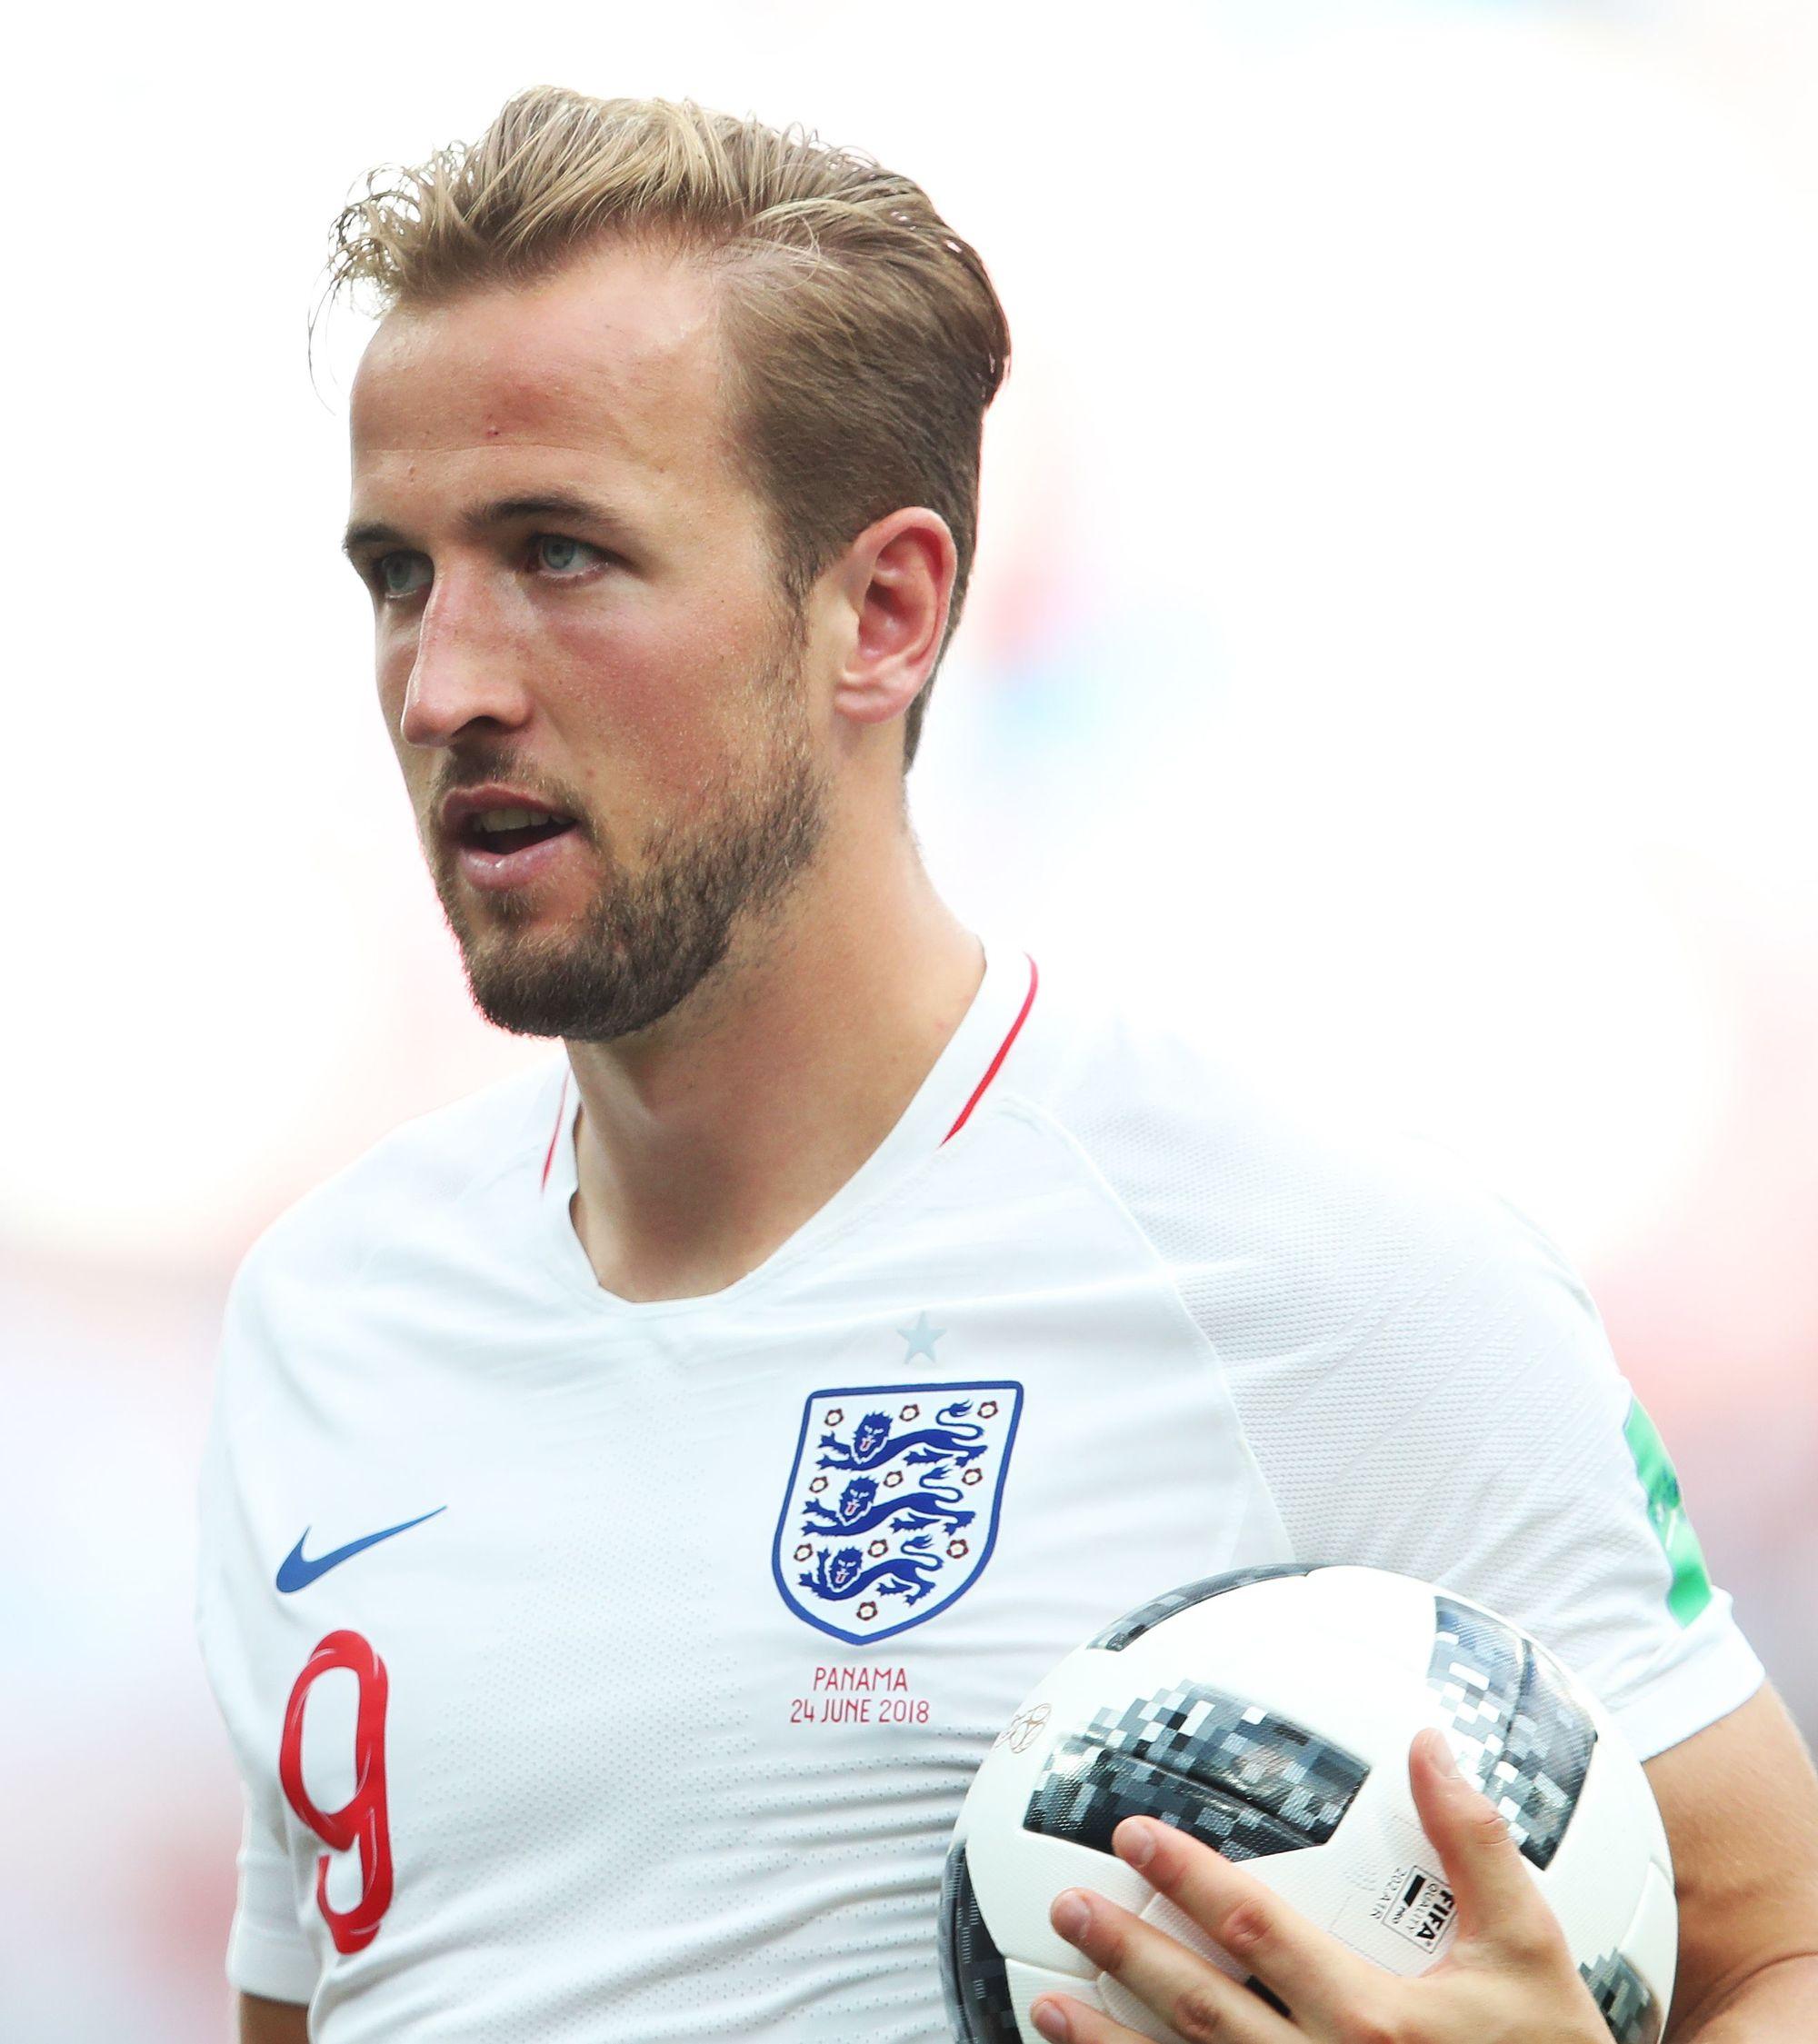 coiffures de footballeurs : les cheveux blonds de harry kane dans la raie latérale ont été balayés lors du match Angleterre-Panama